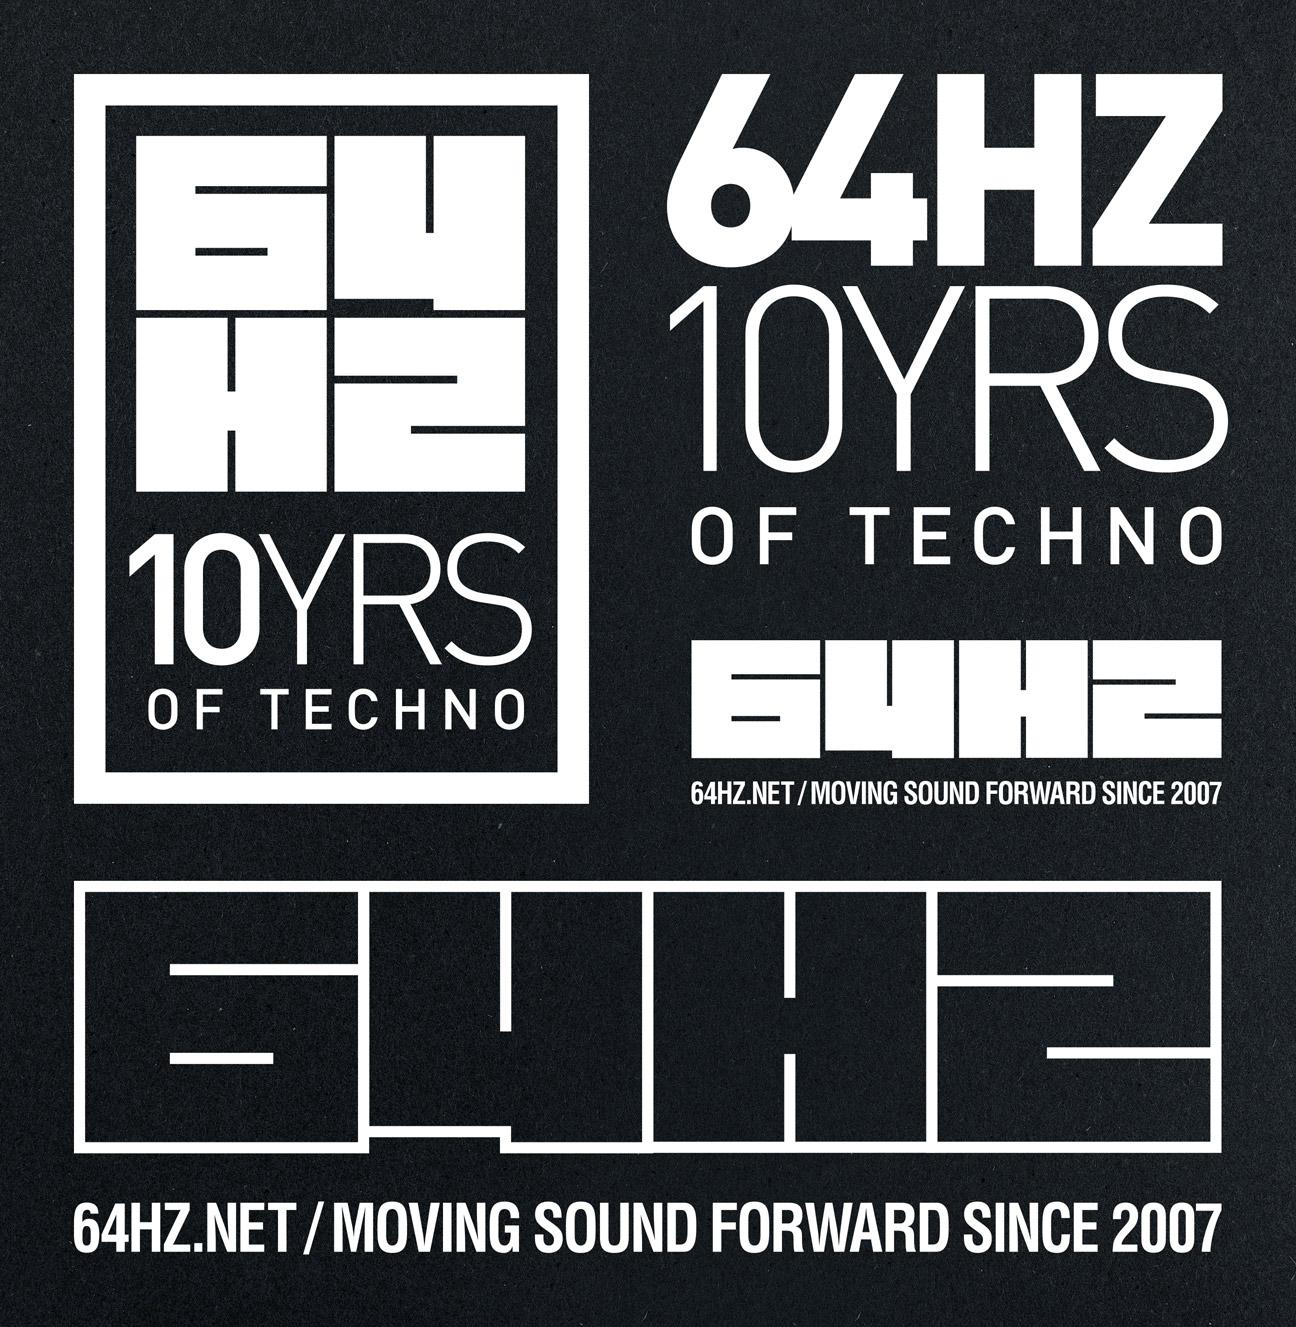 64hz-10ans-logos